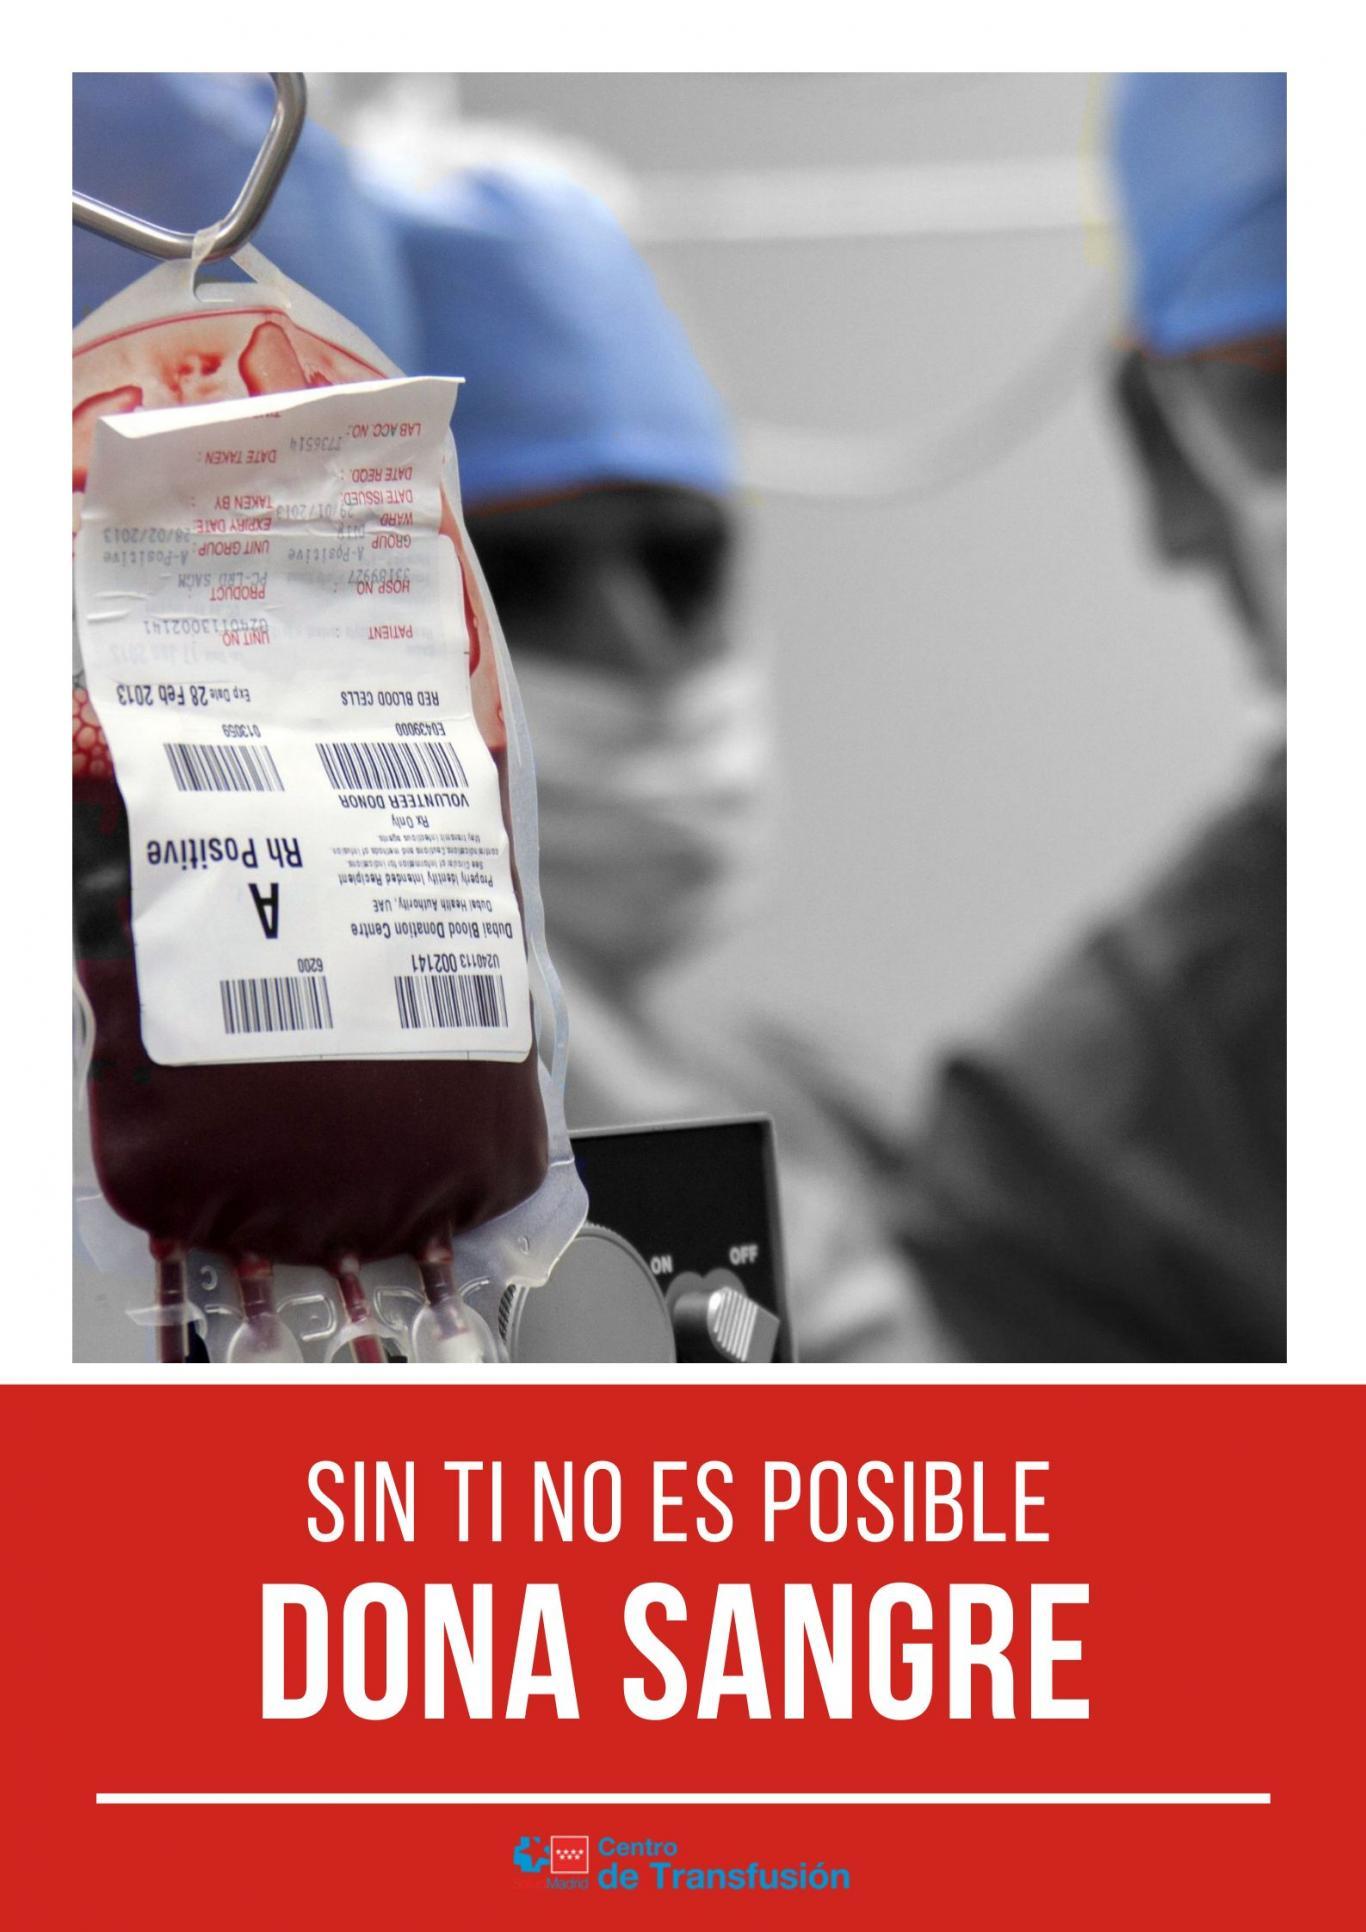 Profesionales de fondo pixelados y en primer plano una bolsa de sangre